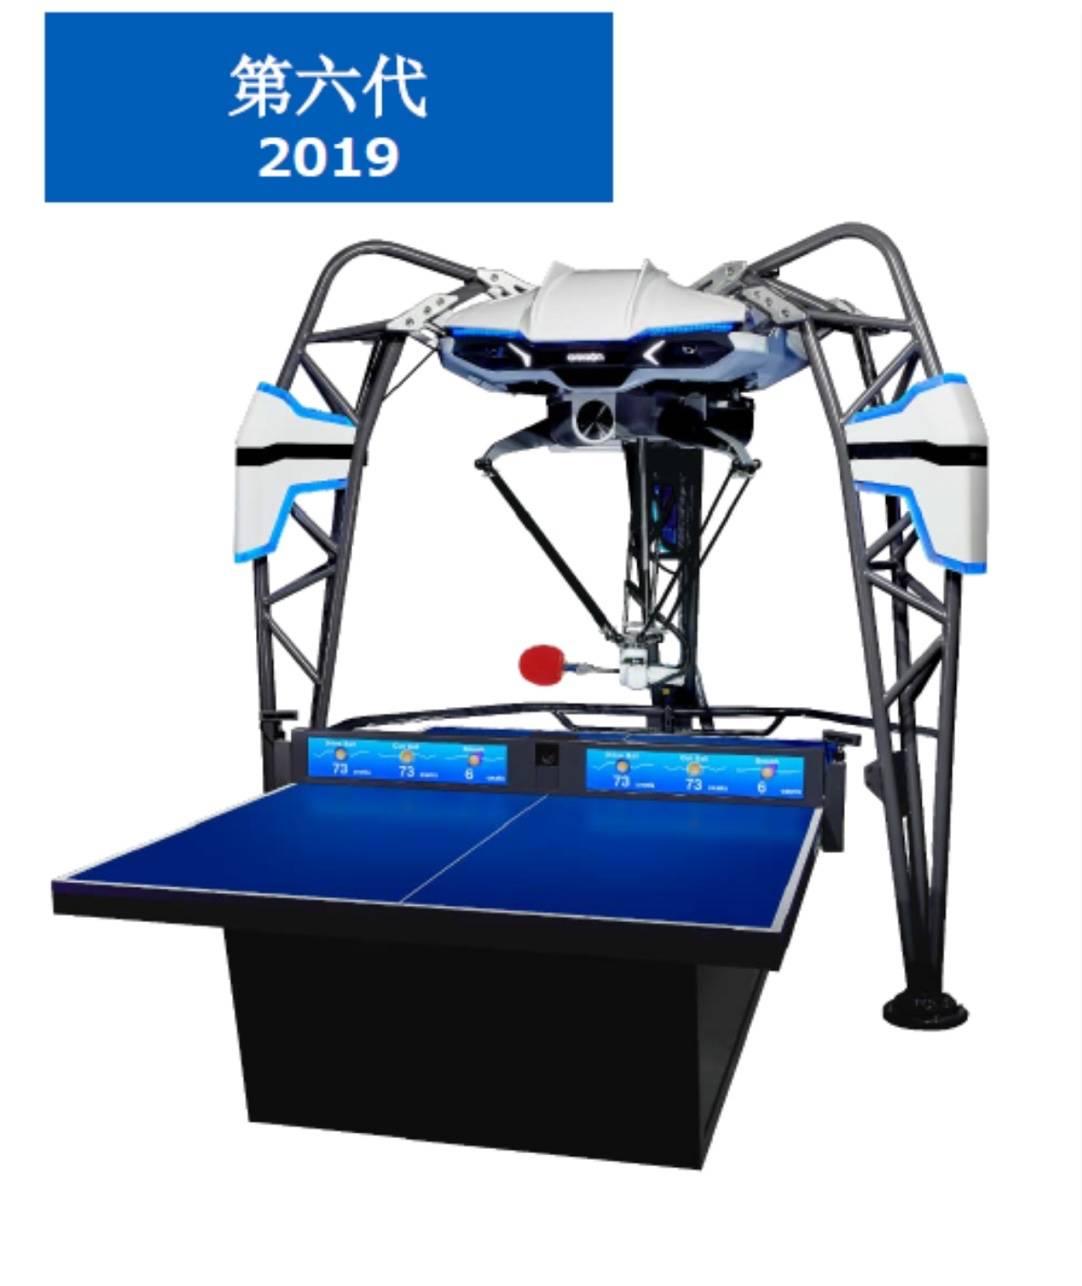 这款乒乓机器人能感知你的注意力、测量球的旋转,想过招吗?